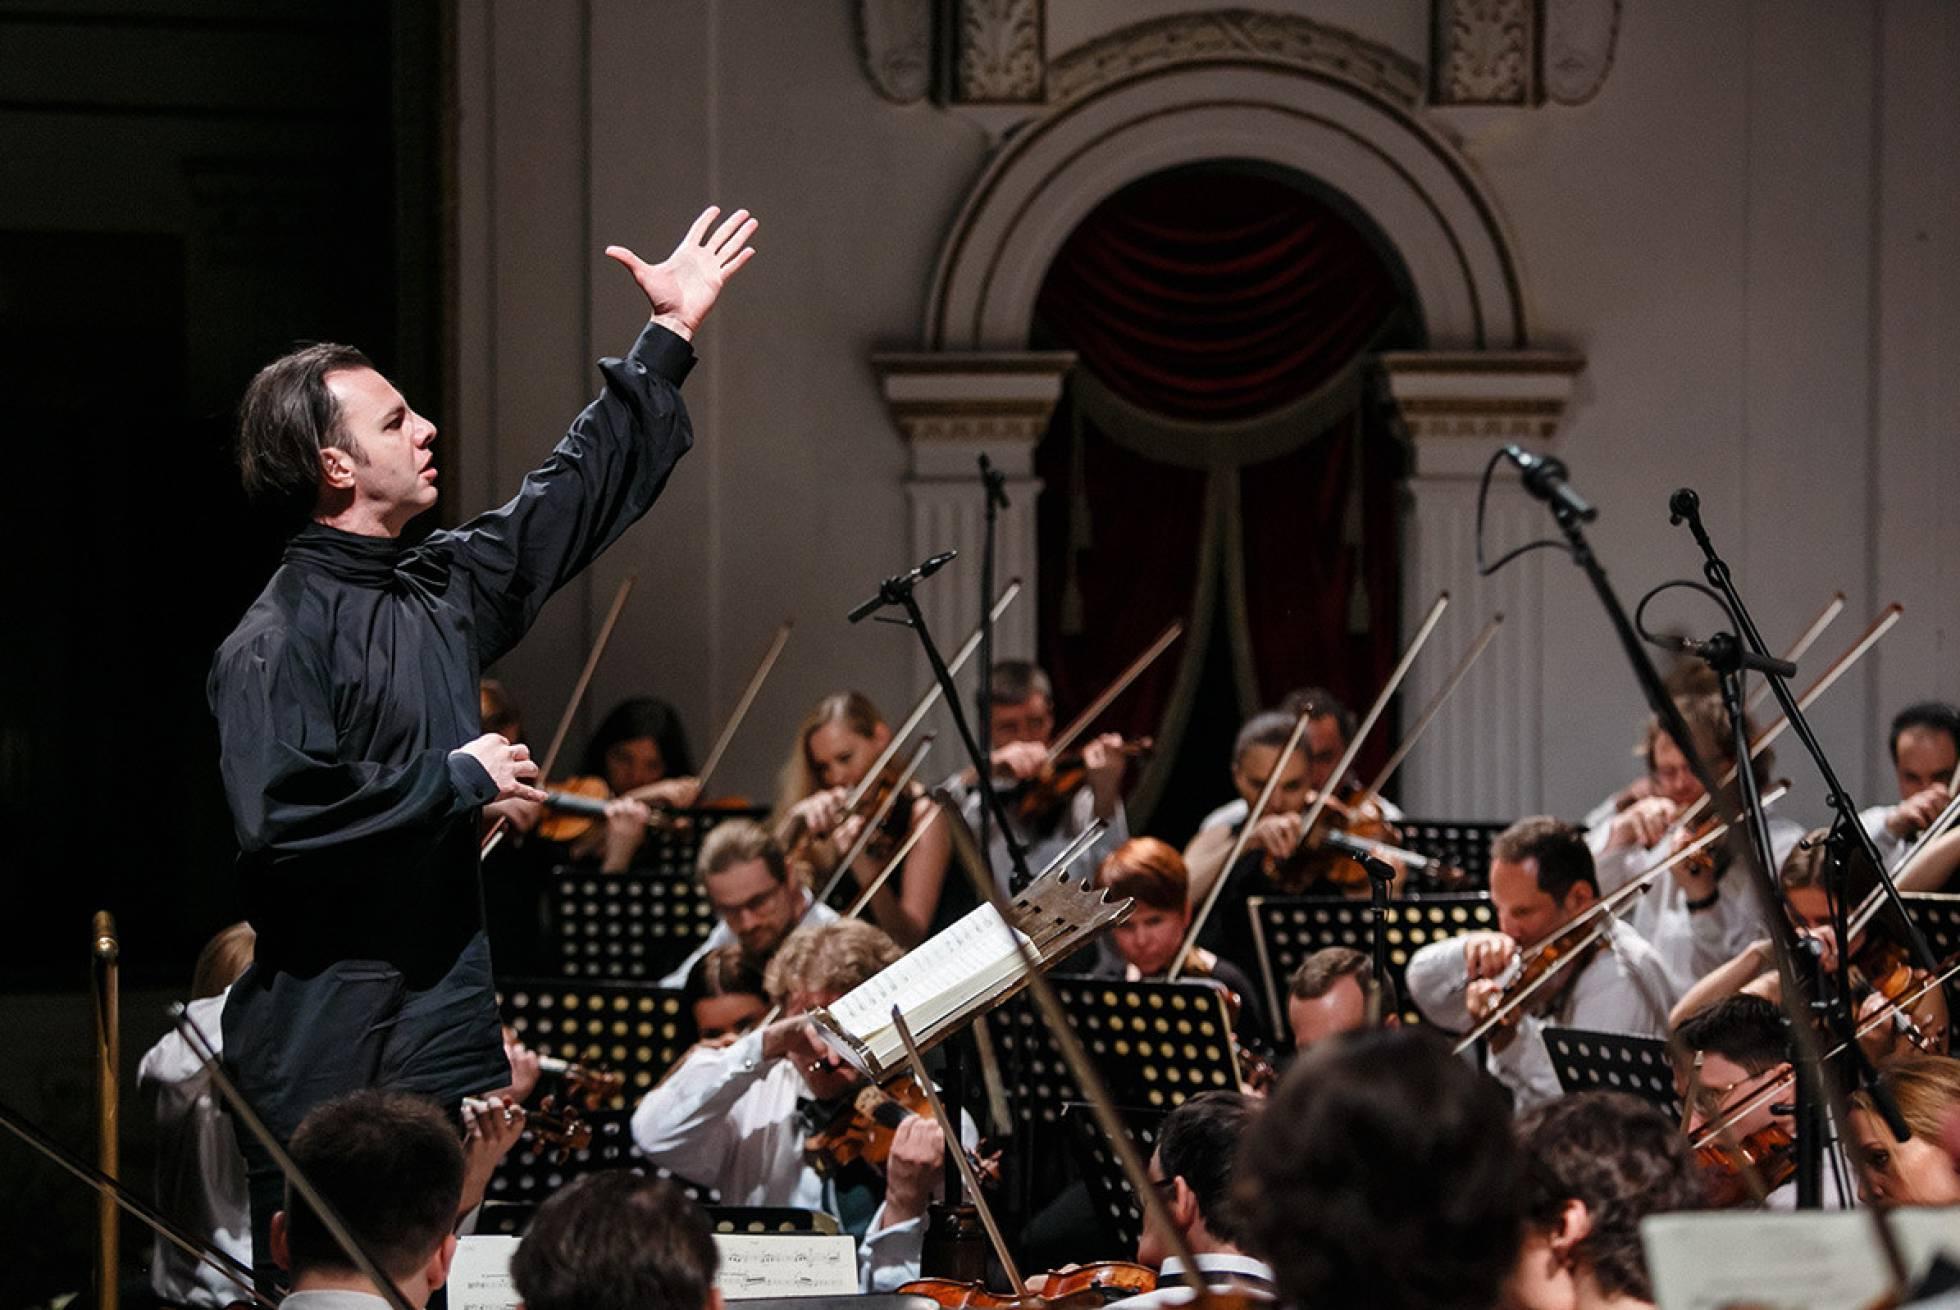 España en la música, próximo concierto de la Orquesta Metropolitana y Coro Talía